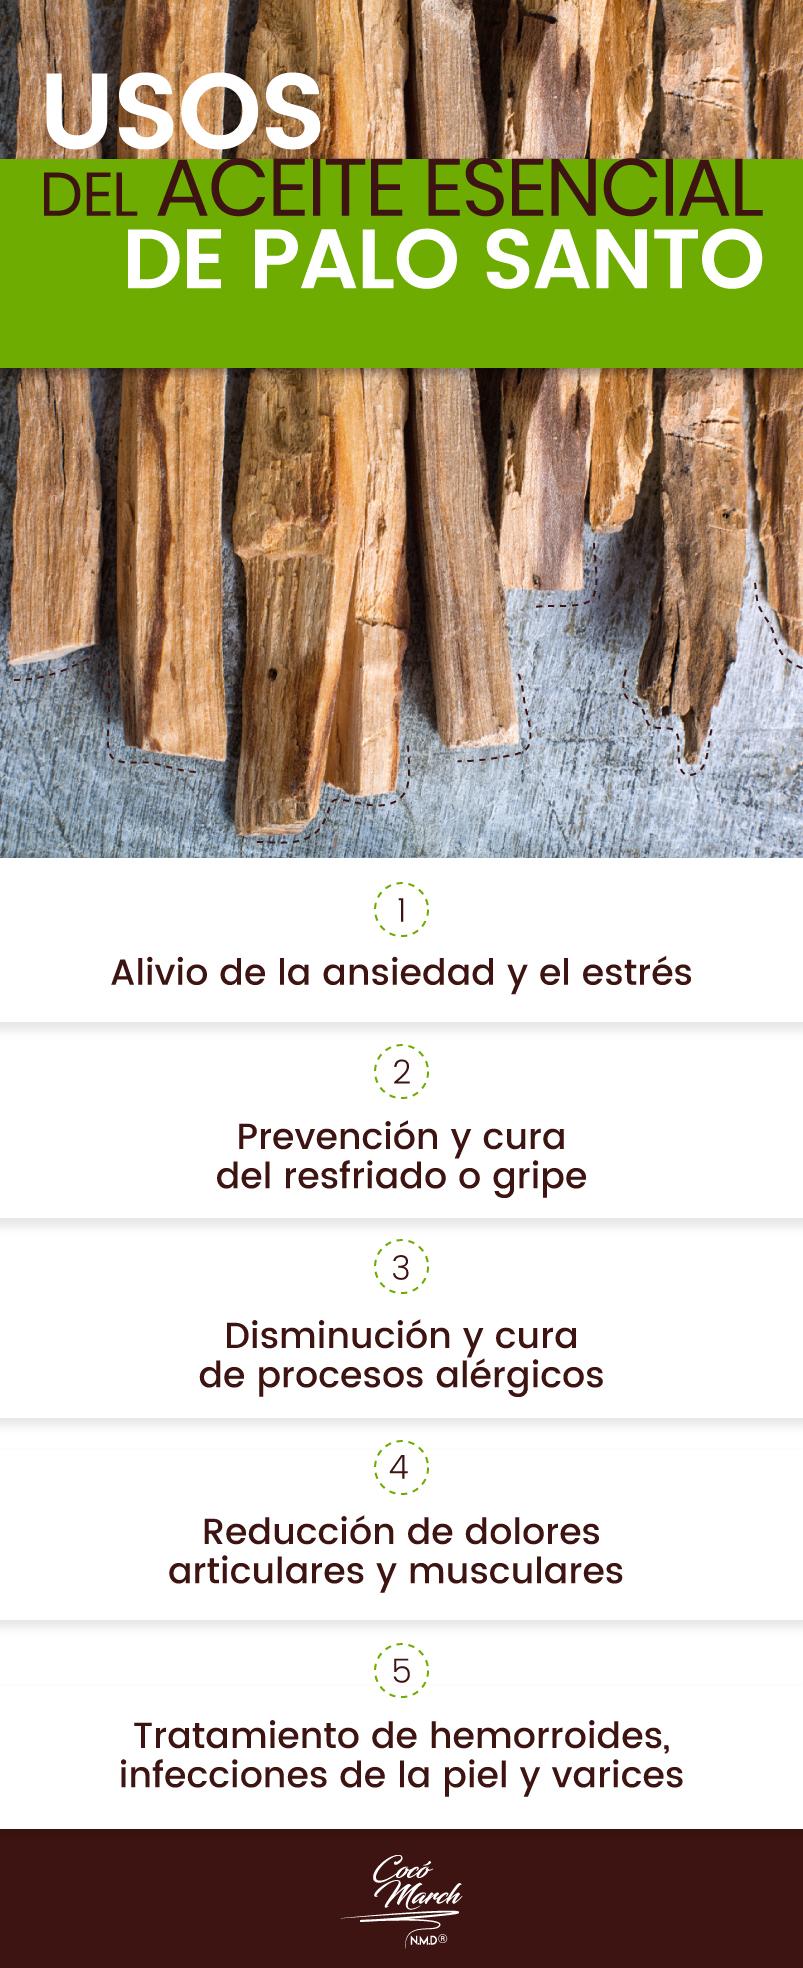 usos-del-aceite-esencial-de-palo-santo